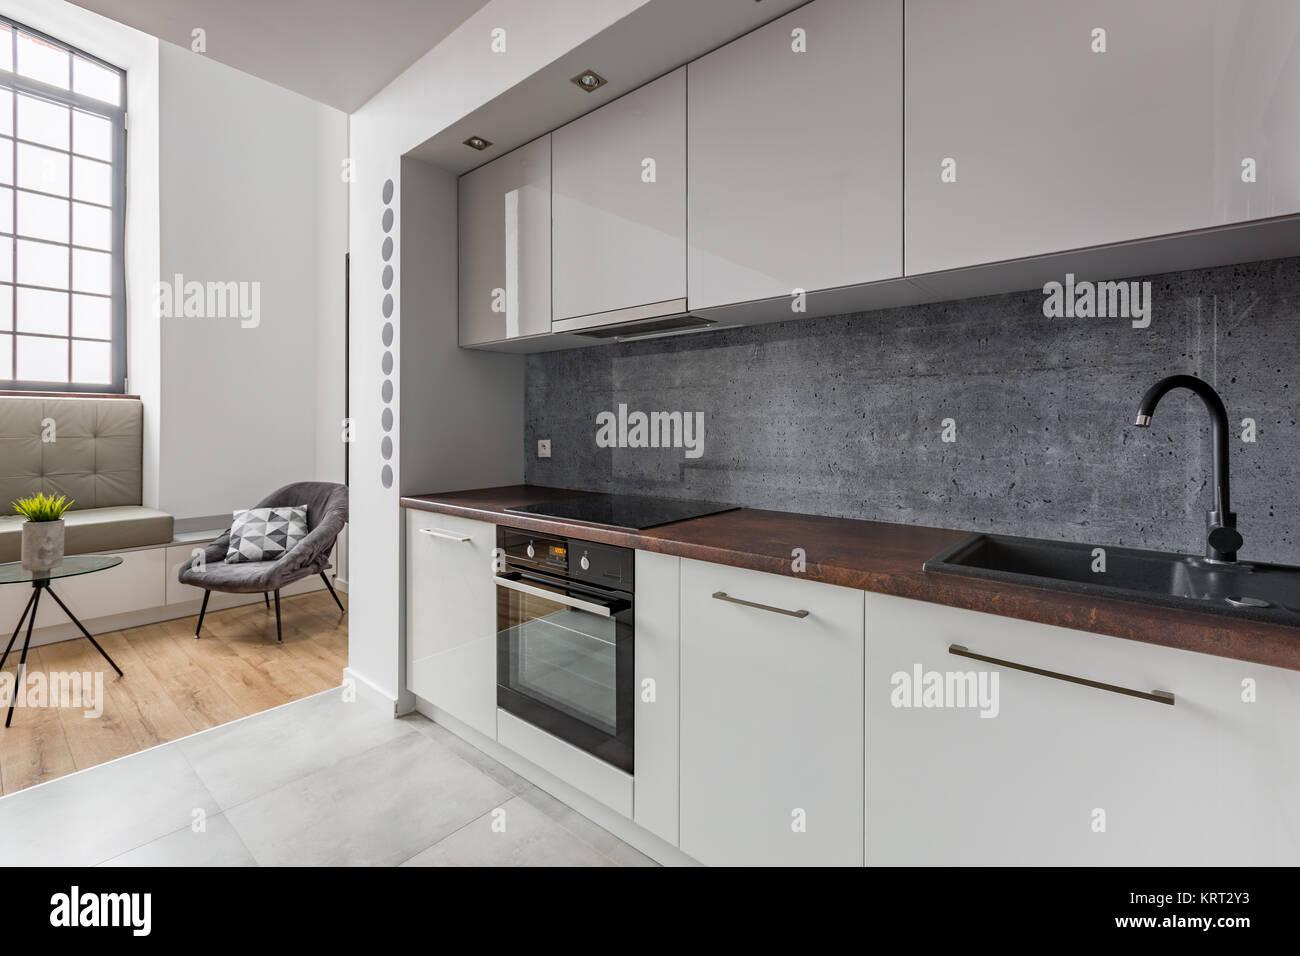 Moderna cocina con fregadero y encimera de granito negro - Fregaderos de granito para cocina ...